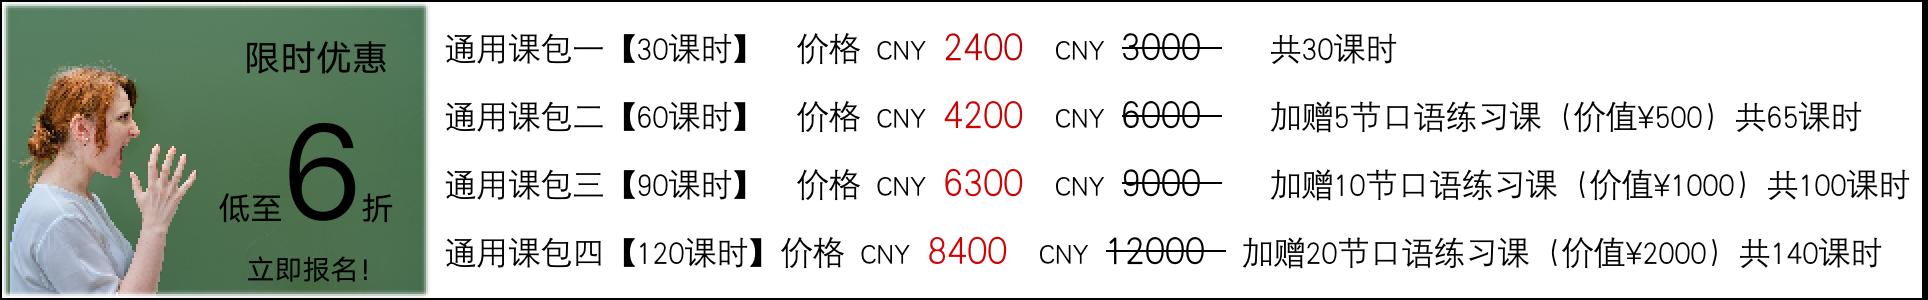 中文版课包.png